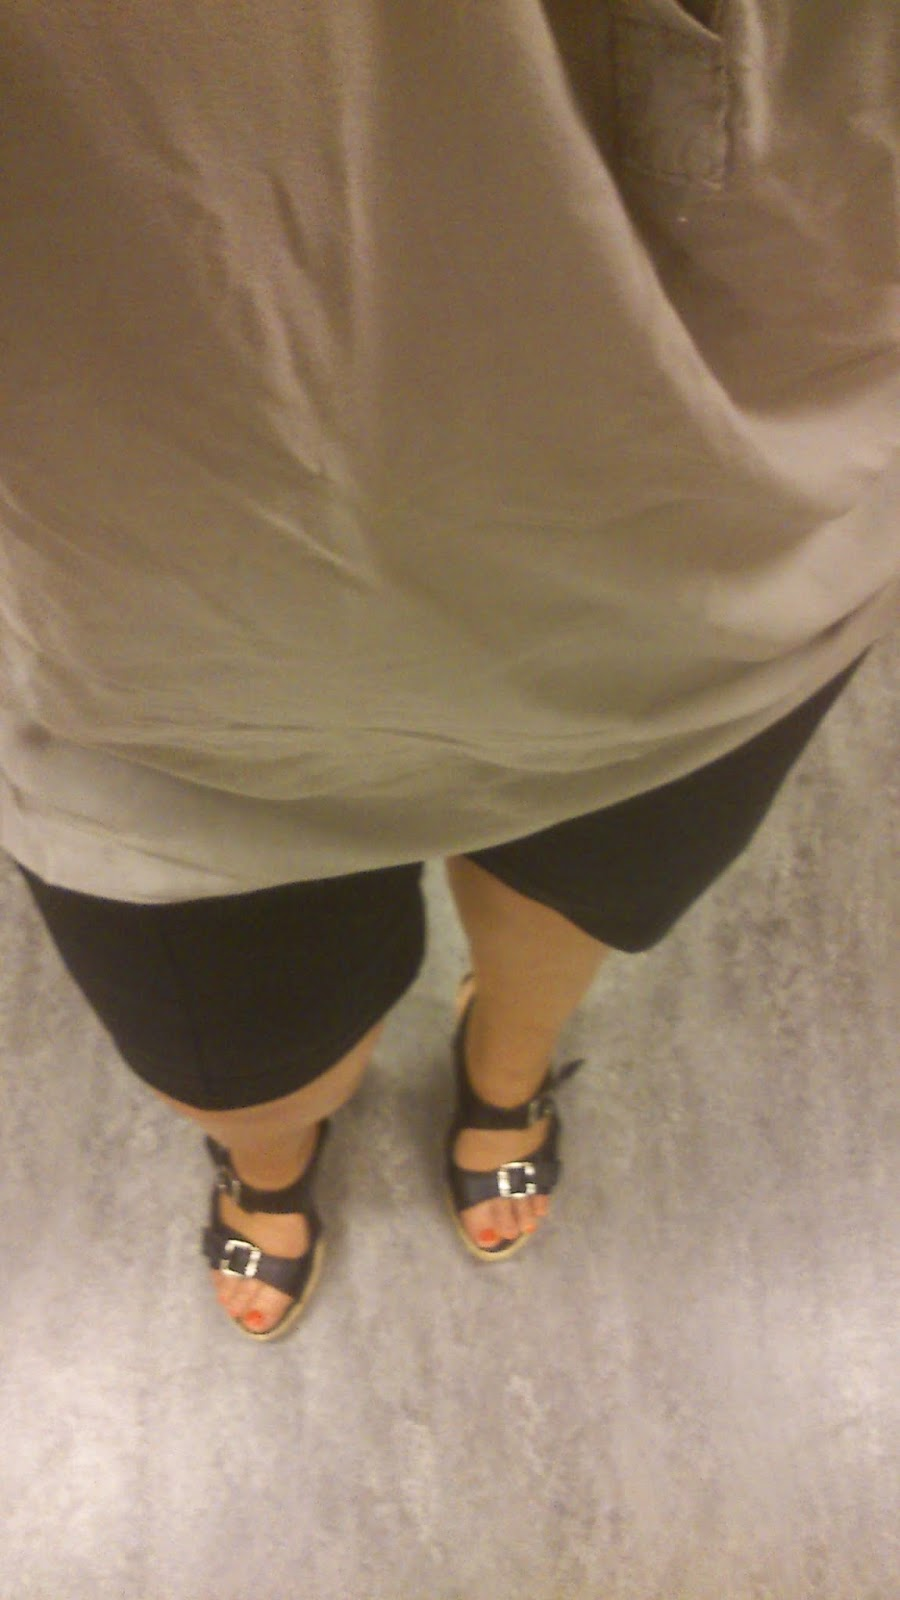 187af421 For oss som har litt former, synes jeg det ser bedre ut med sko med hæl til  slike shorts, så jeg fant like godt fram et par gamle kilehælsandaler også  🙂